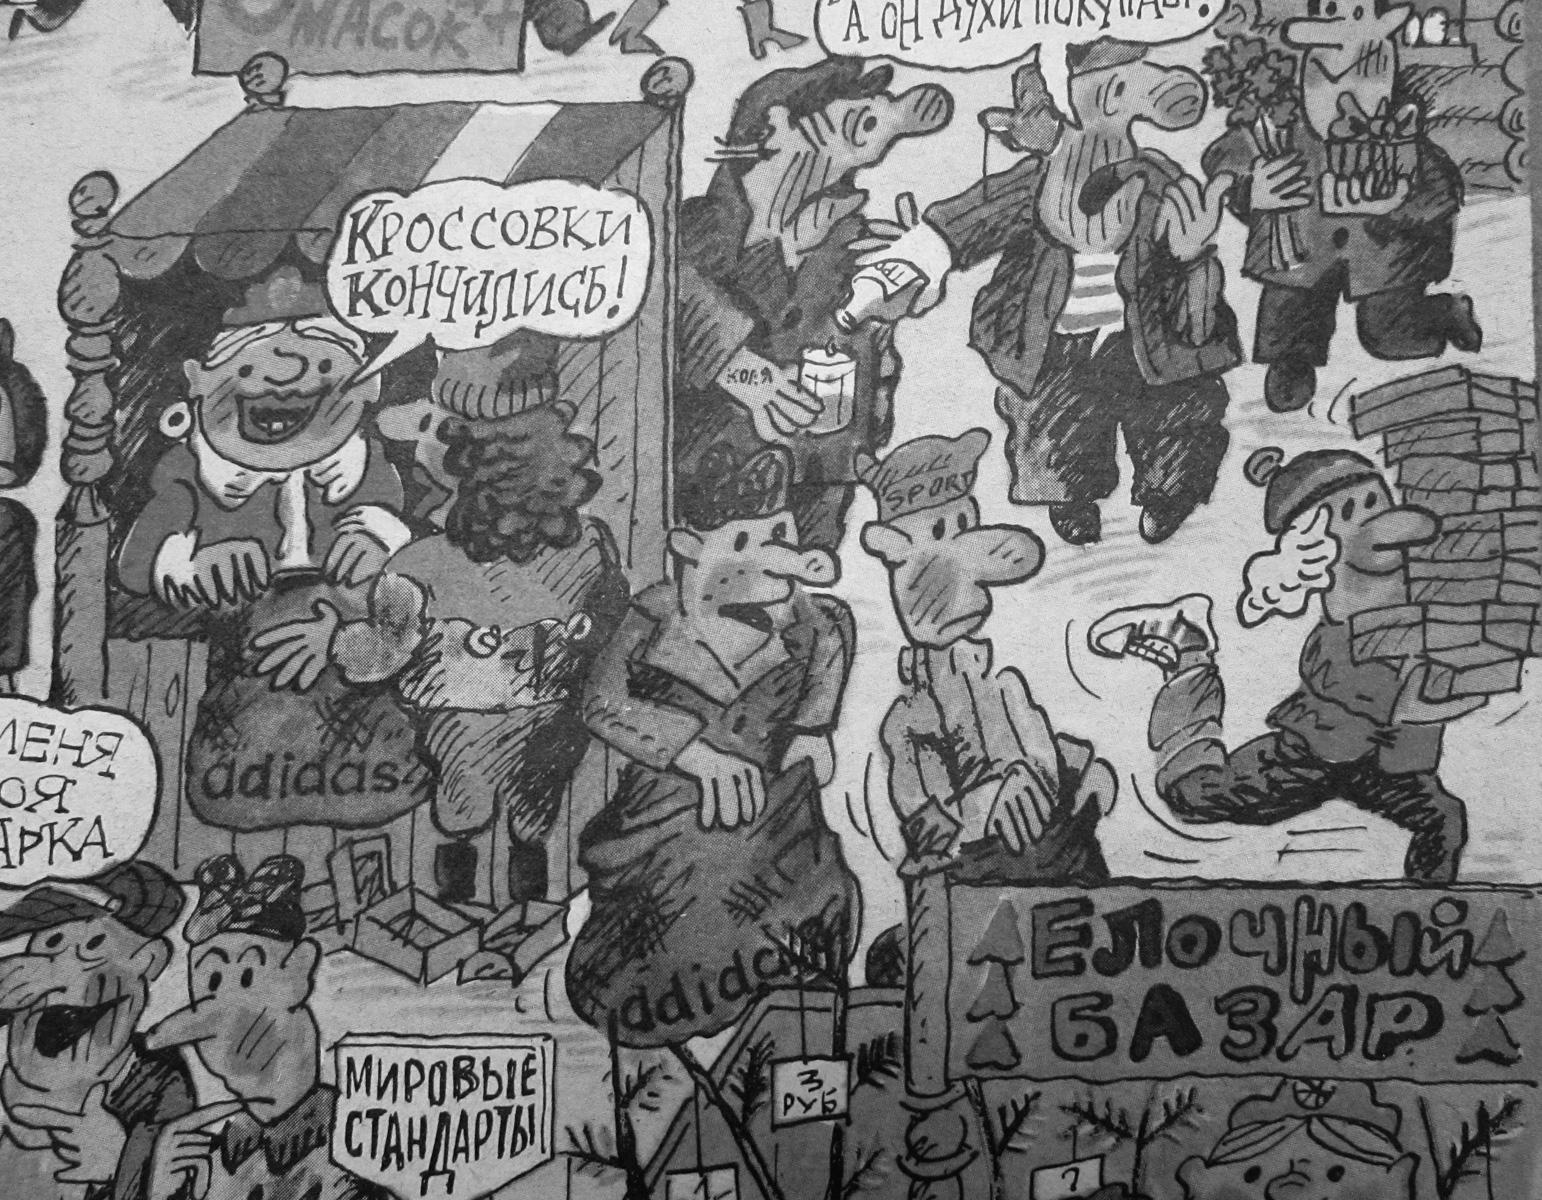 Обложка журнала «Крокодил» (фрагмент).  Рис. О. Теслера (1986. № 36. Декабрь)